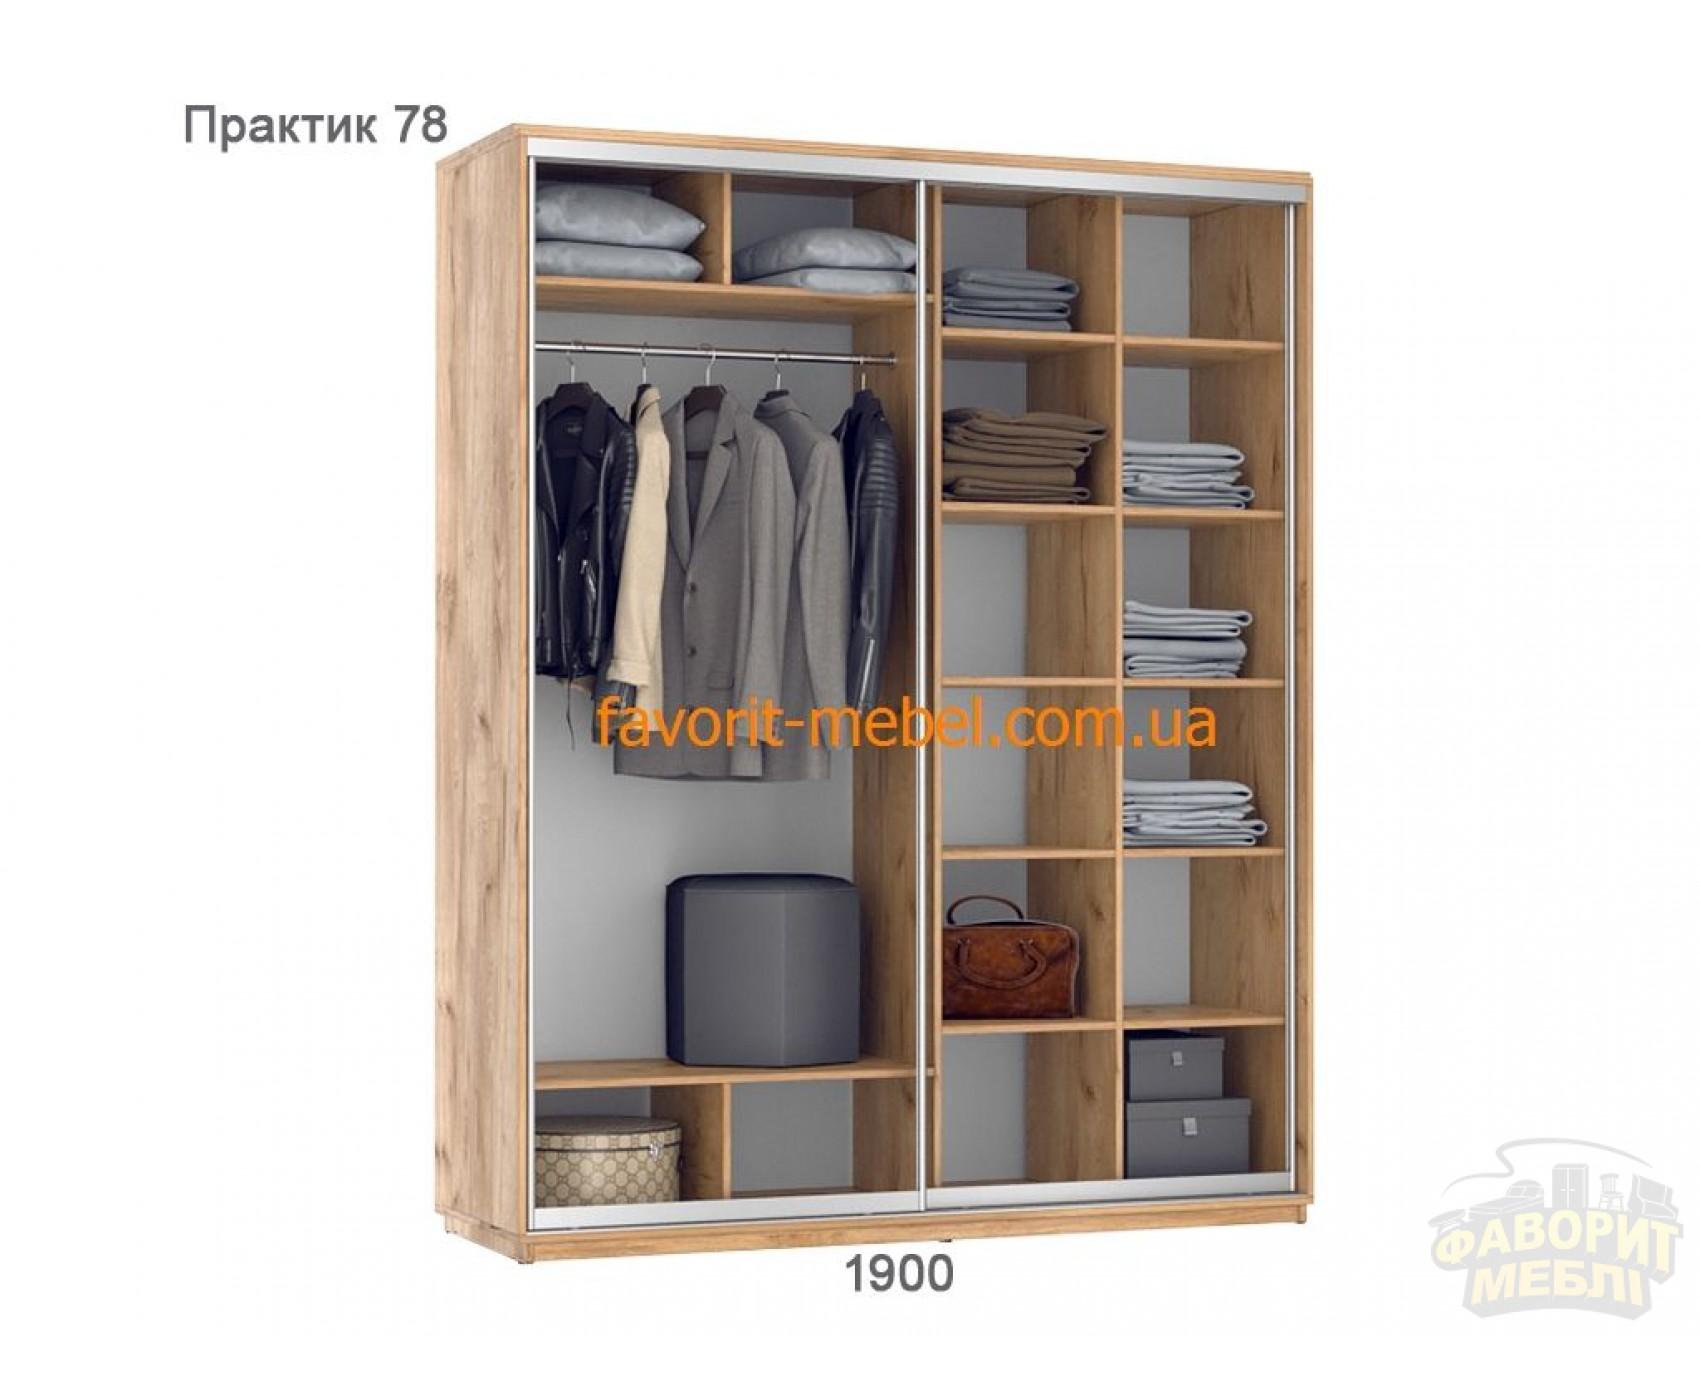 Шкаф купе Практик 78 (190х60х240 см)